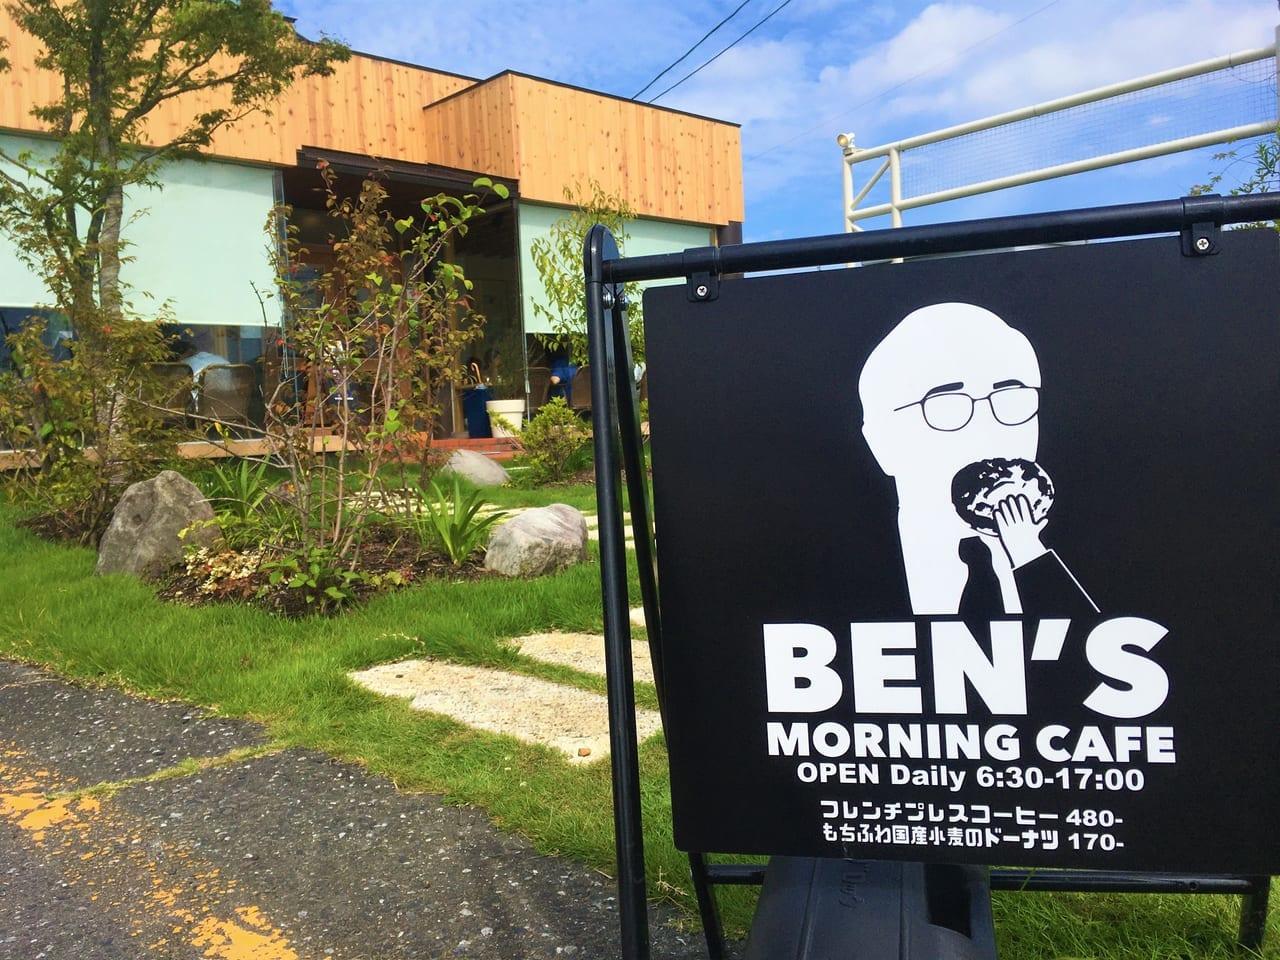 BEN'S MORNING CAFEの外観